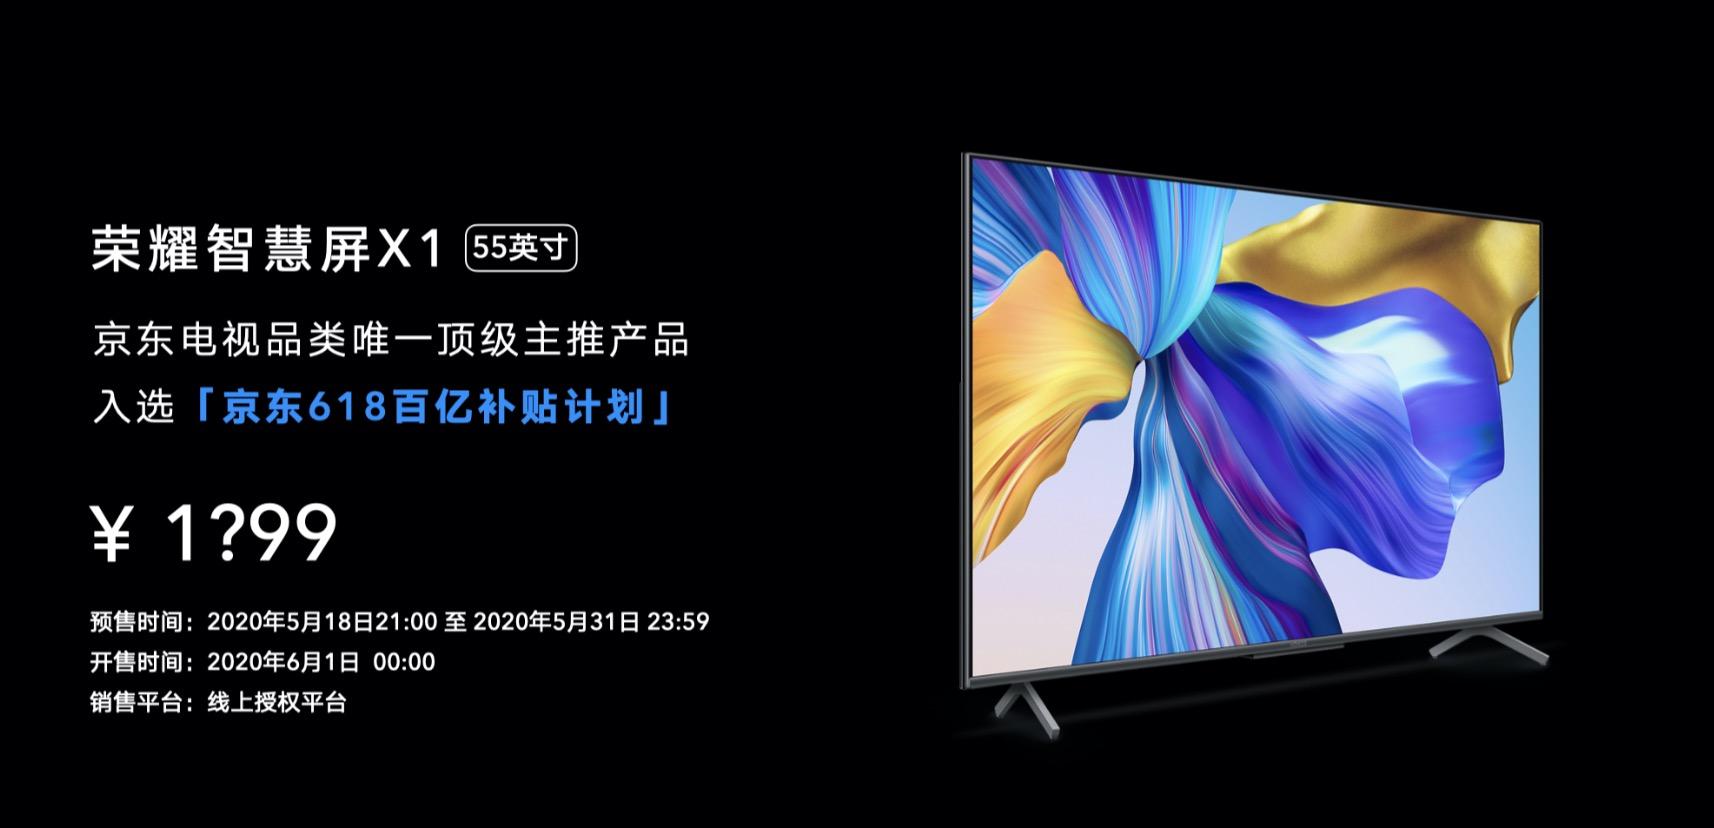 鸿鹄818仅售2299元!全新一代荣耀智慧屏X1首测